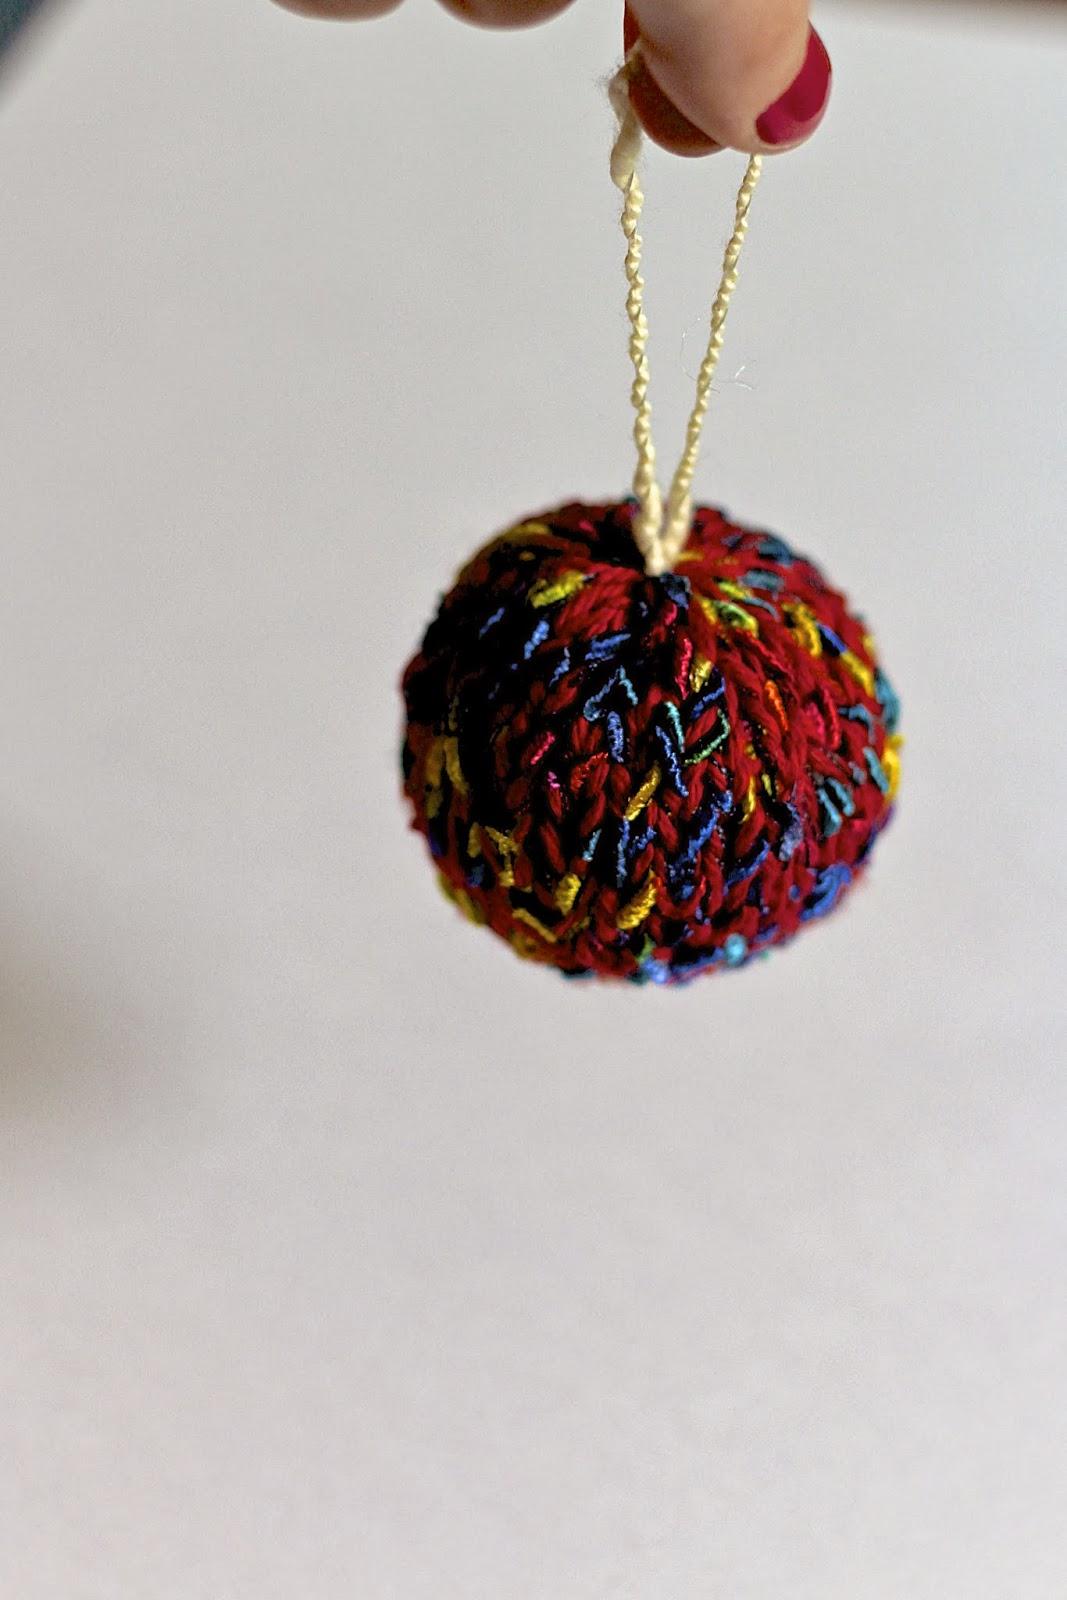 Lexalex: Knit Ornament Pattern